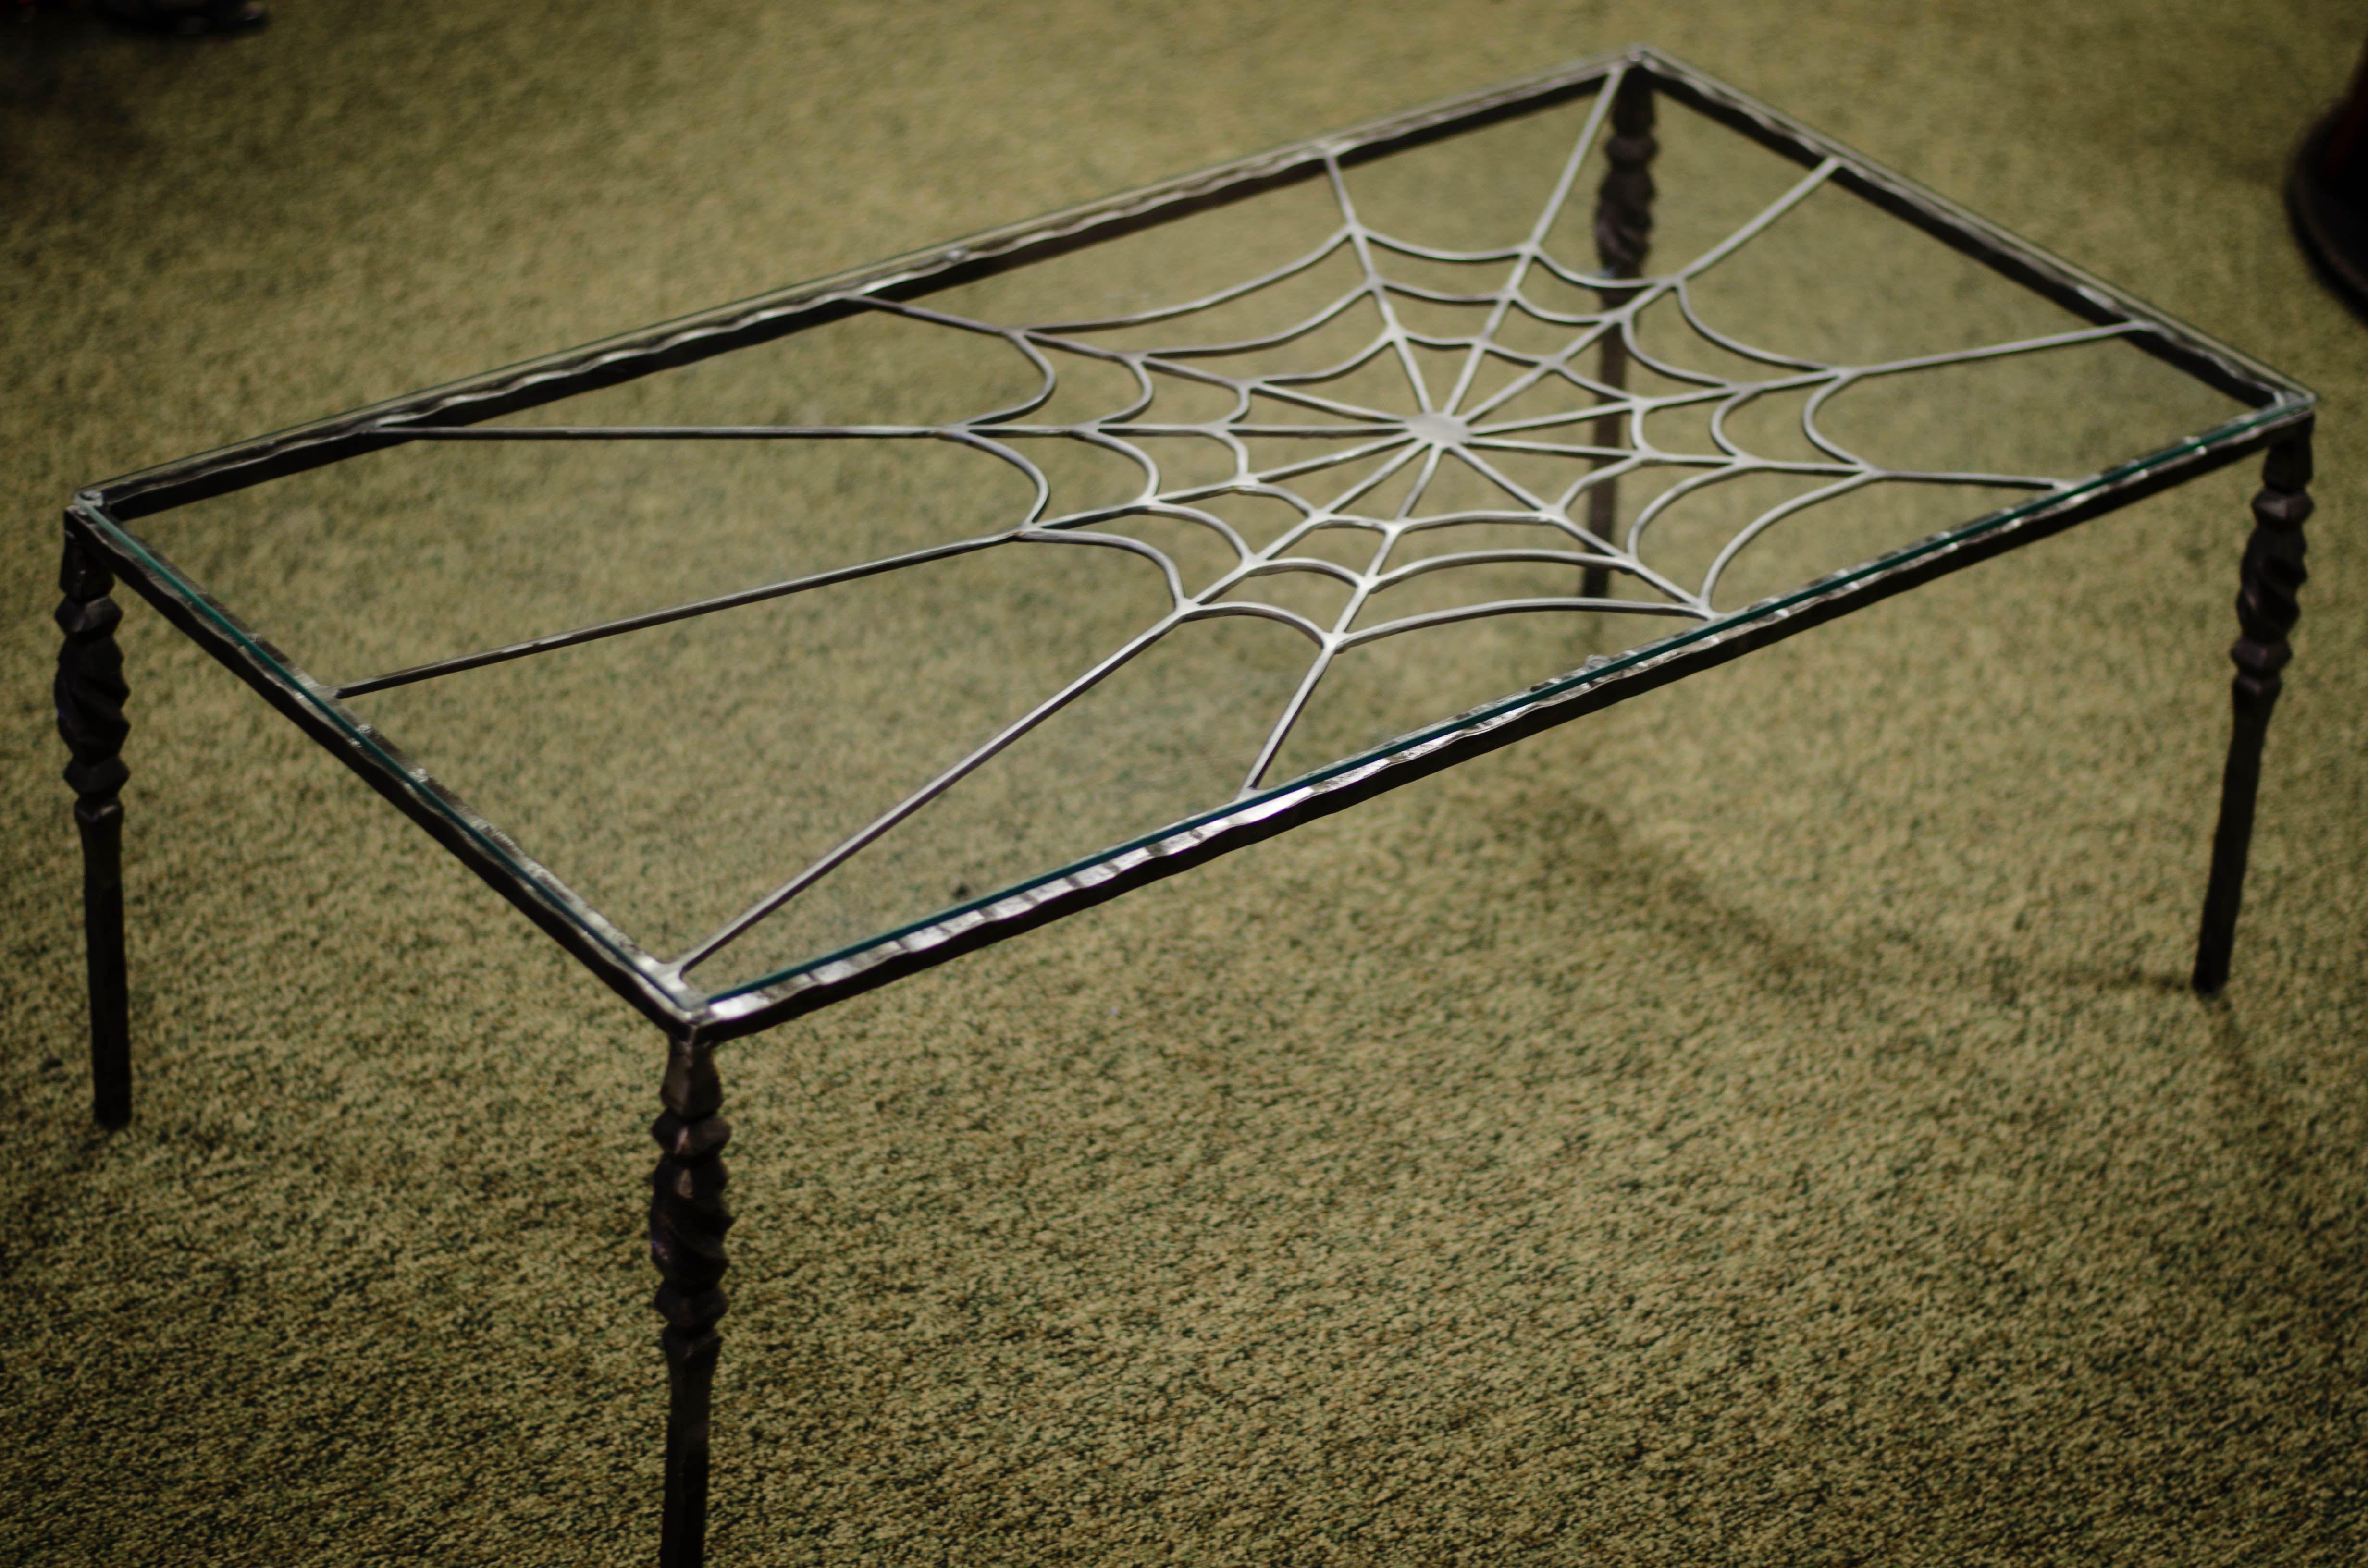 Spider web coffee table 275 barbiethewelder schrott schrott arbeit - Ausgefallene wohnzimmermobel ...